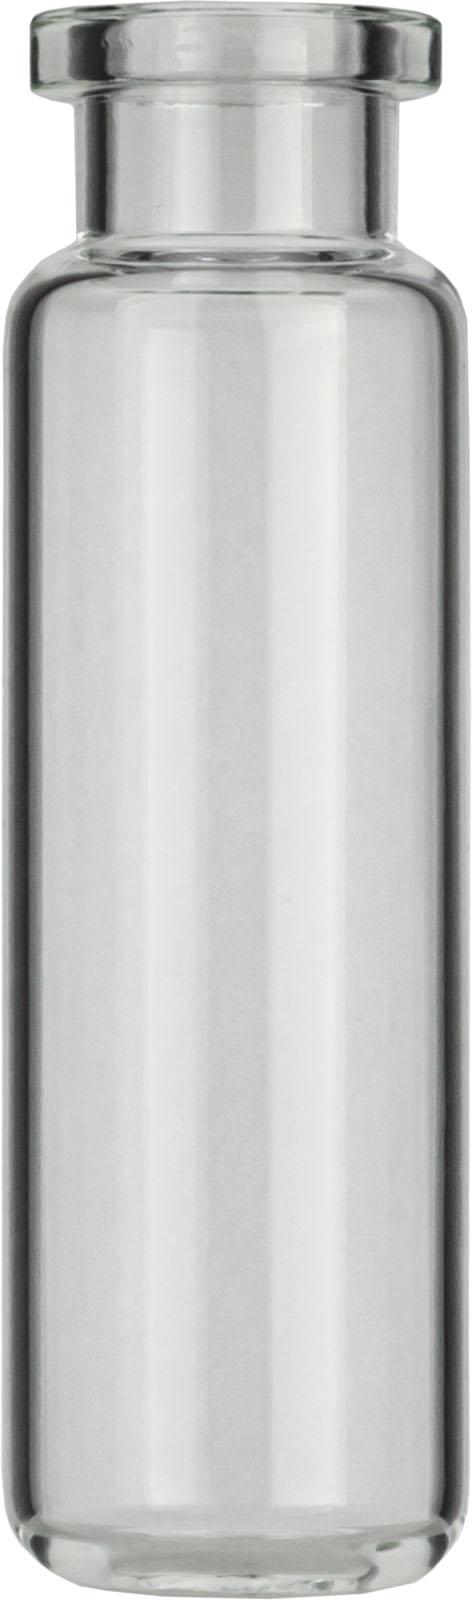 Vial N20-20, RR, k,22,5x75,5, r, DIN(CTC